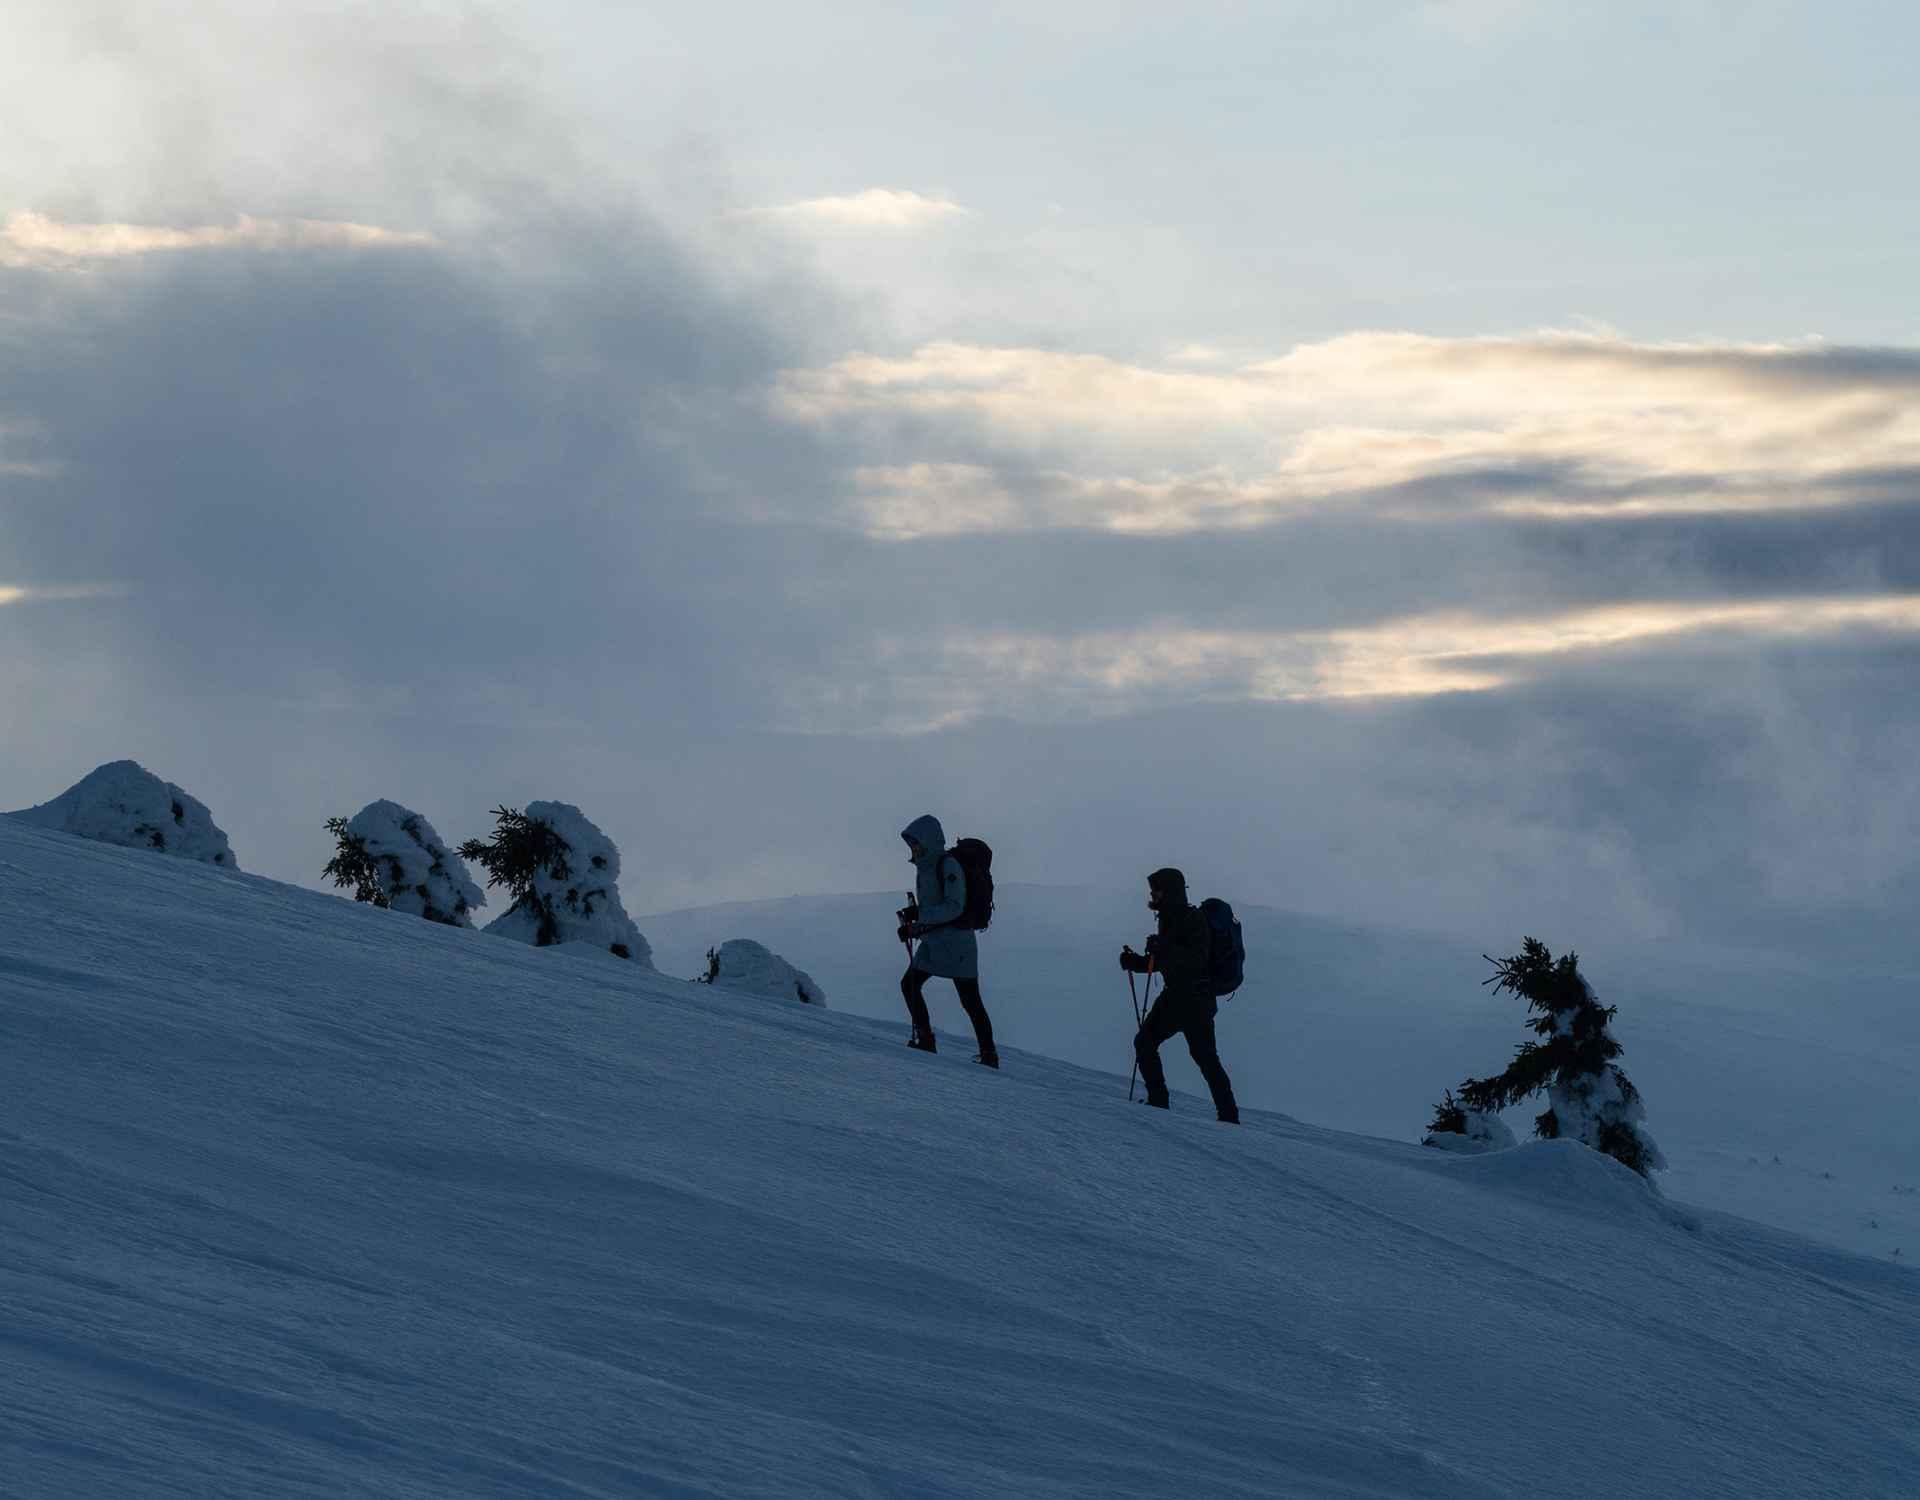 Schneeschuhtour Brunnenberg, Riesengebirge, Tschechien.